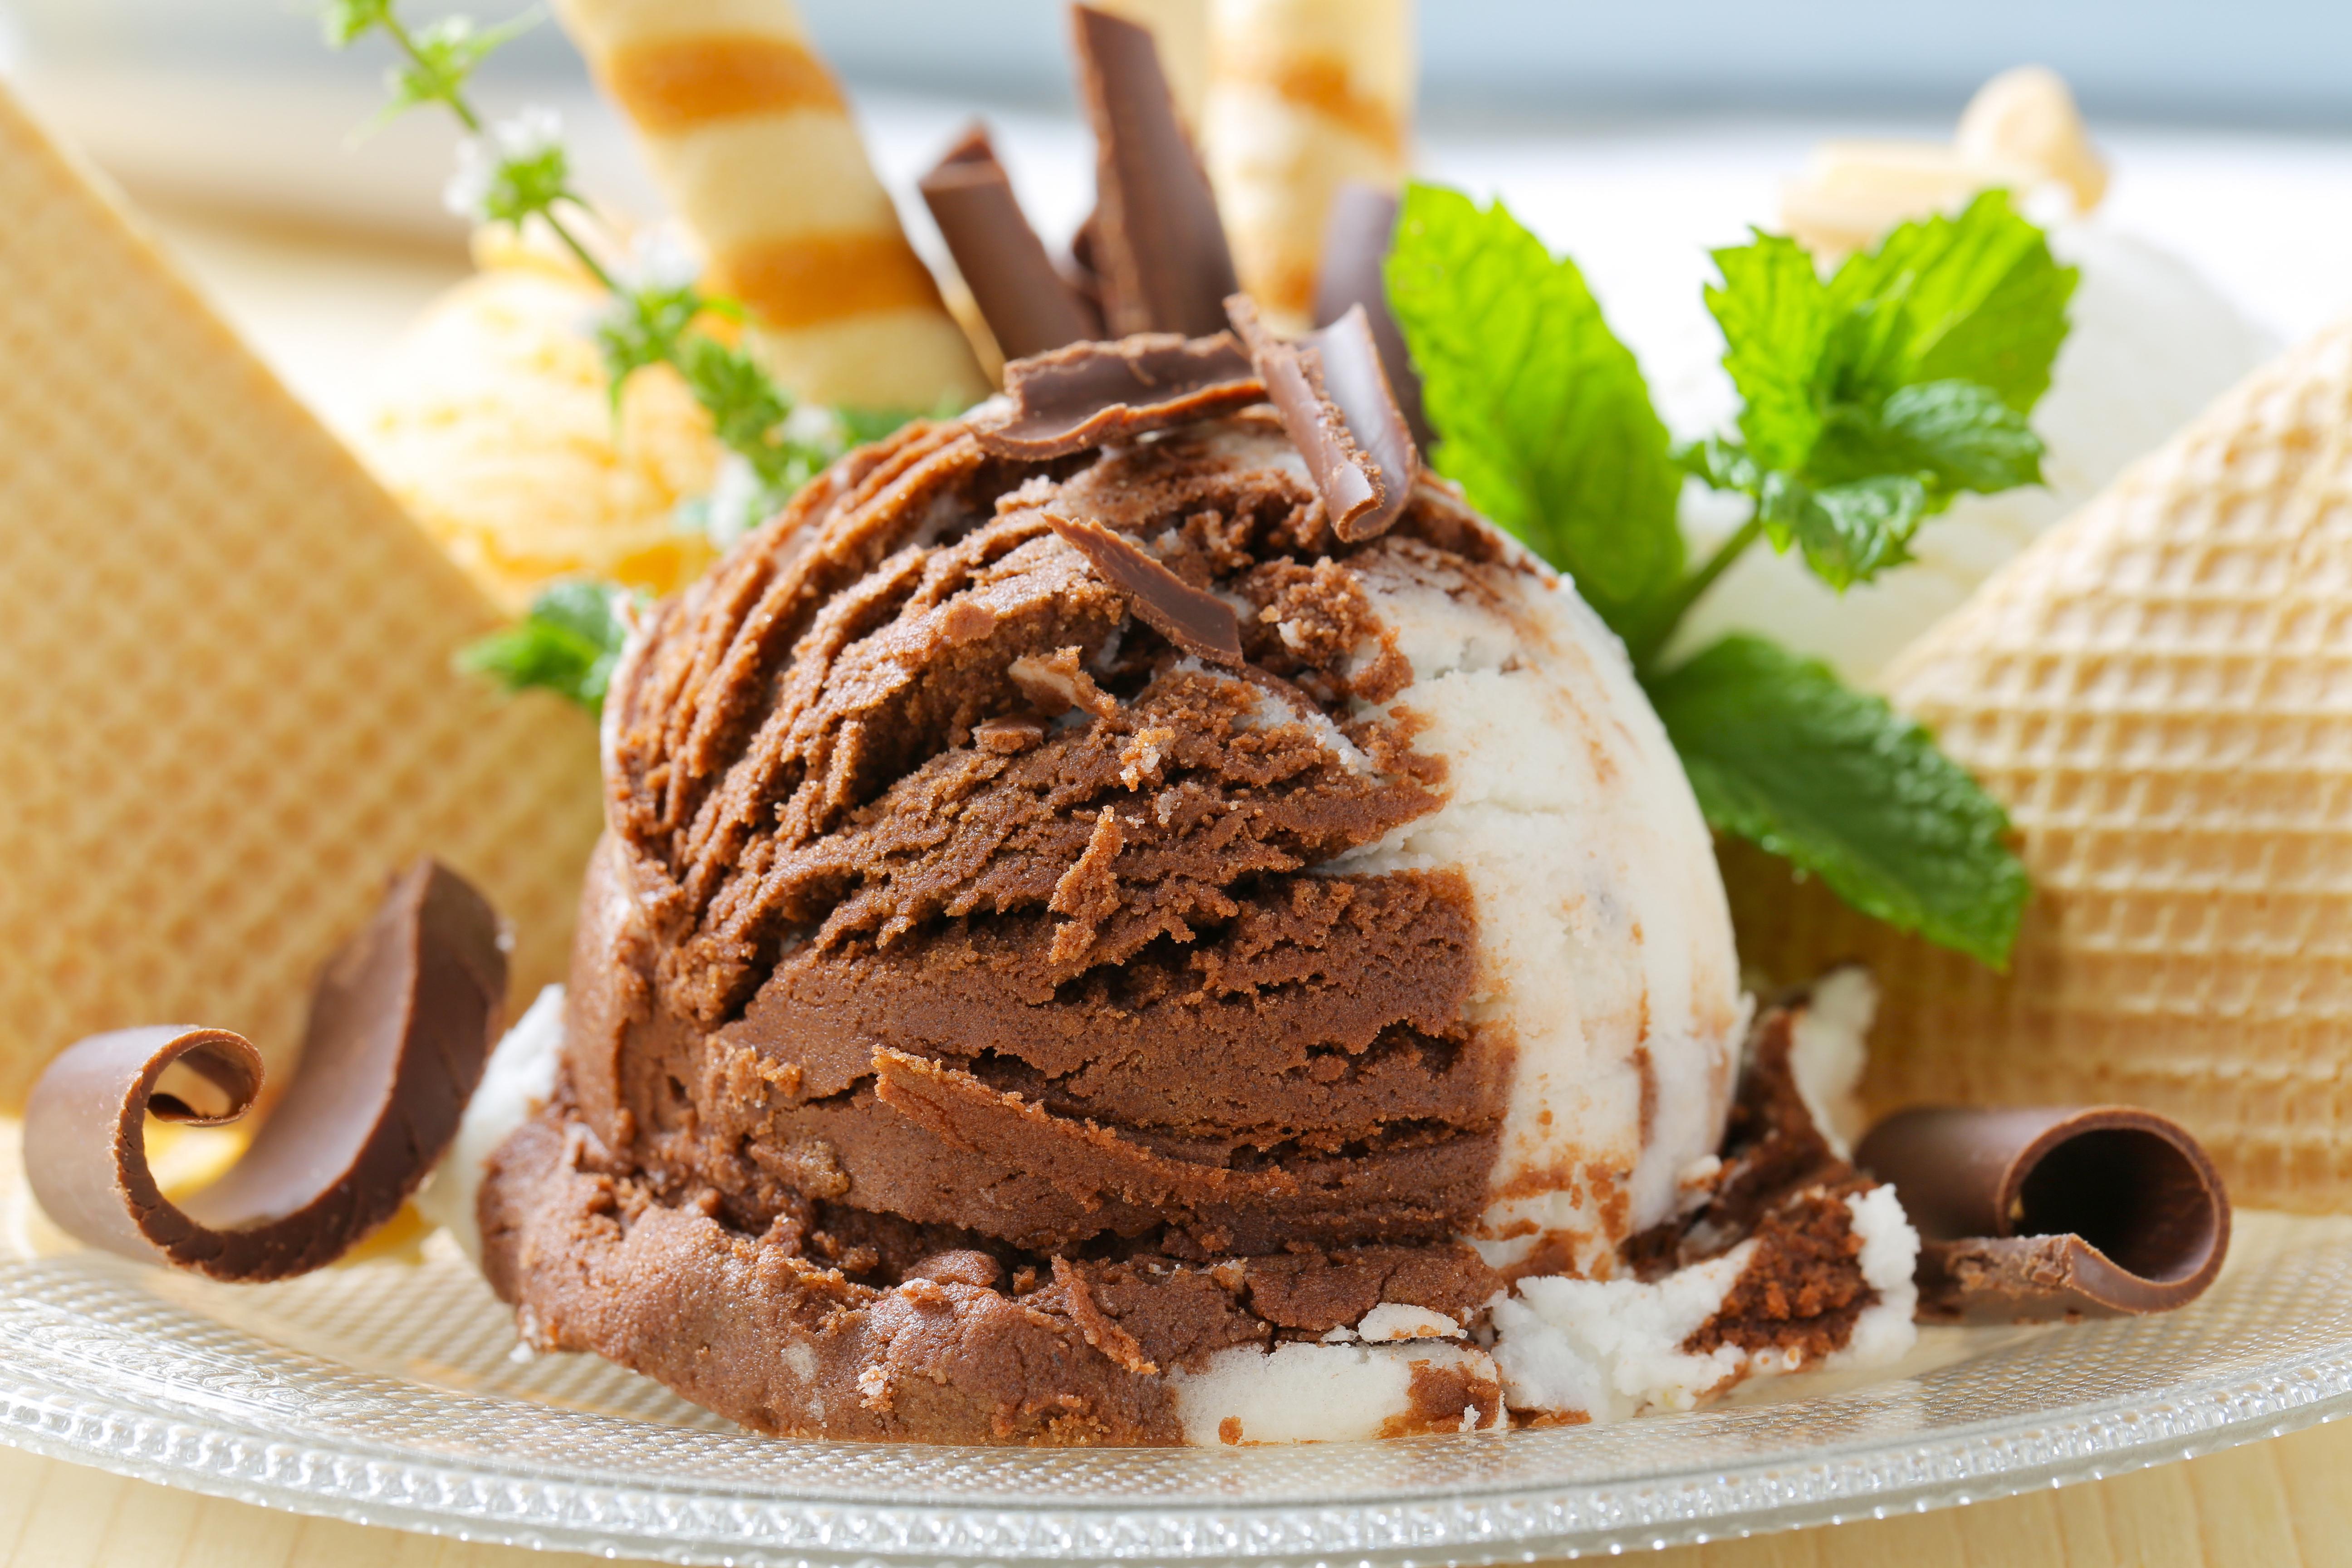 кремово-шоколадное мороженое  № 2279391 бесплатно